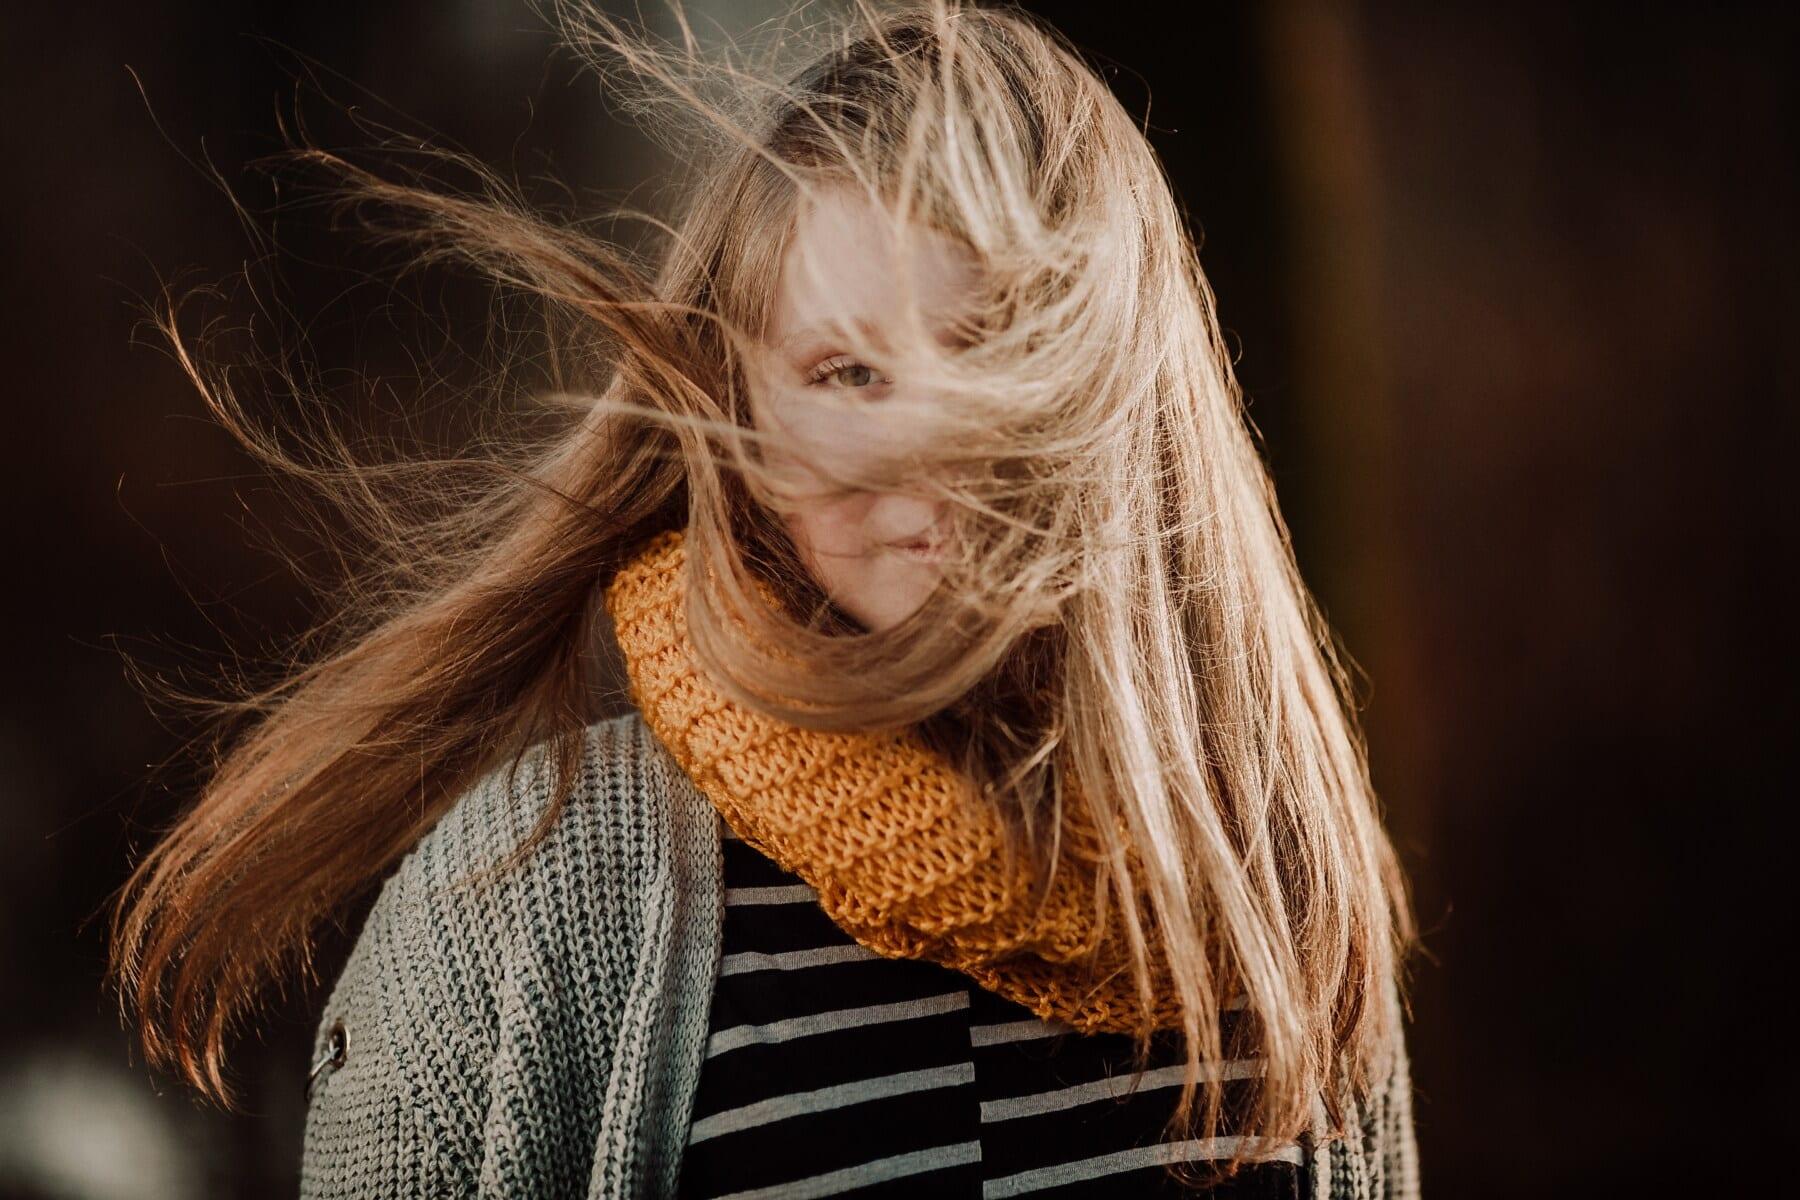 студено, тийнейджър, коса, вятър, времето, пуловер, портрет, руса коса, блондинка, шал